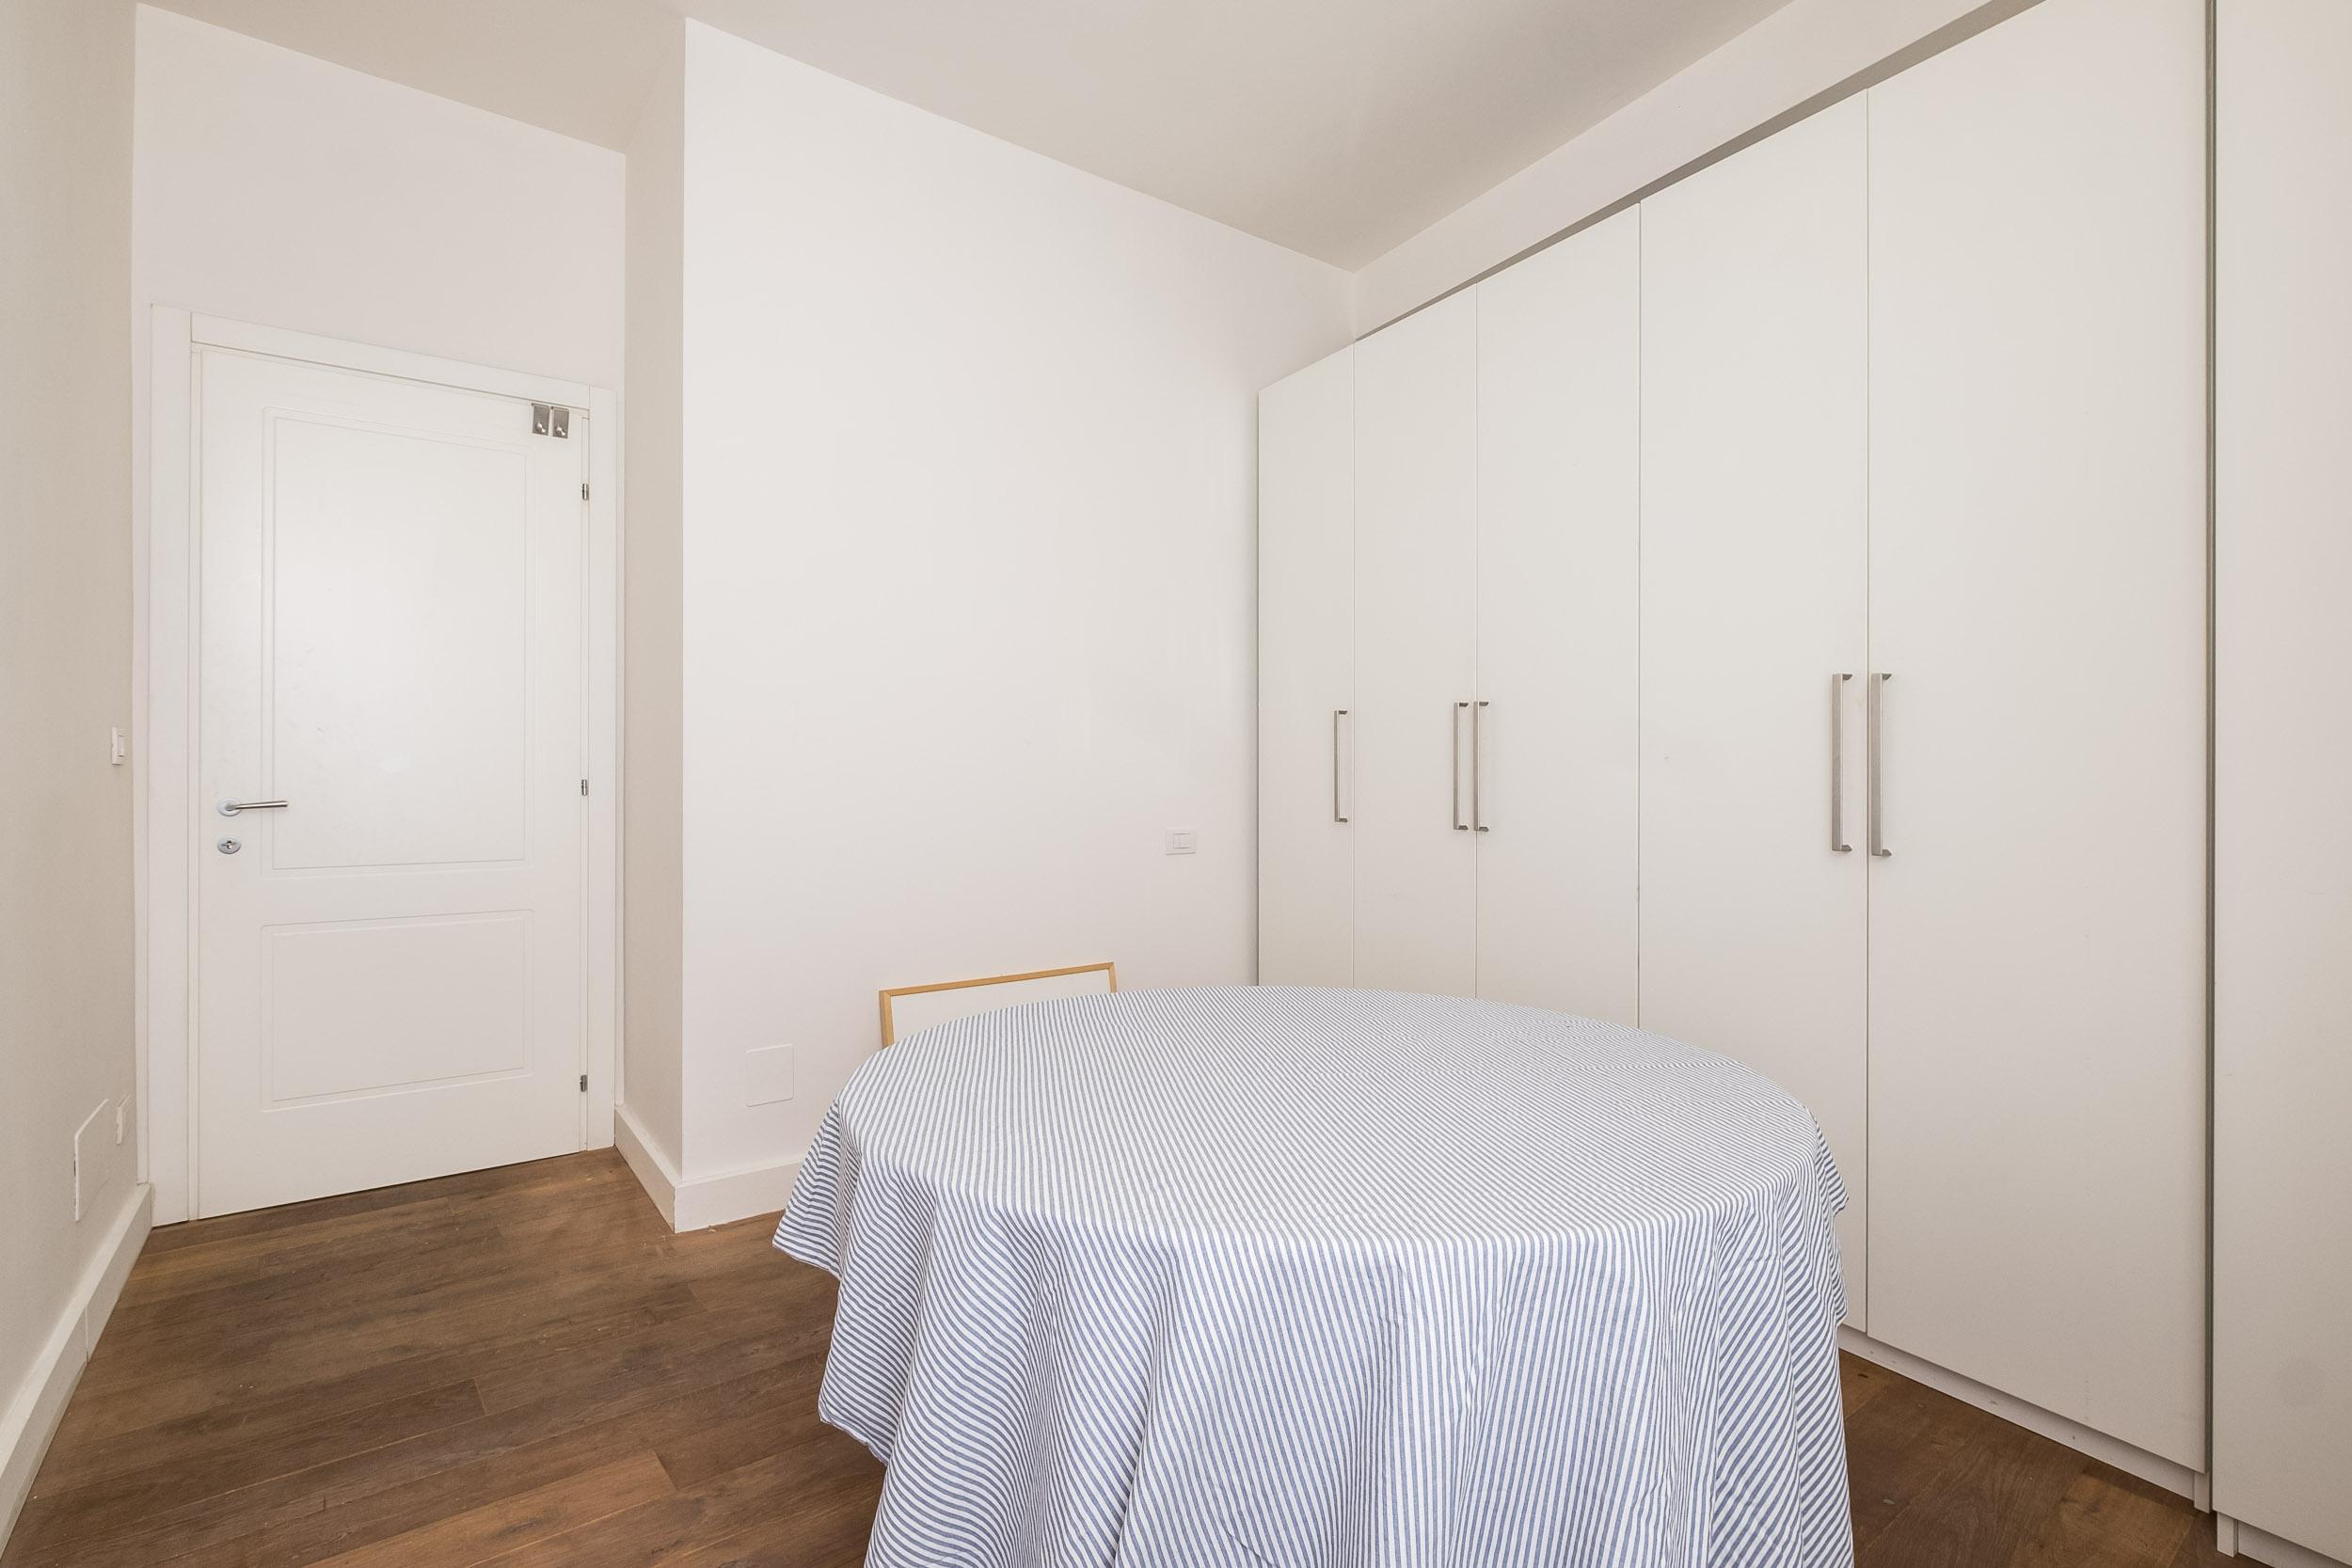 Via Borgonuovo,Centro Sud,3 Rooms Rooms,Residenziale,1184